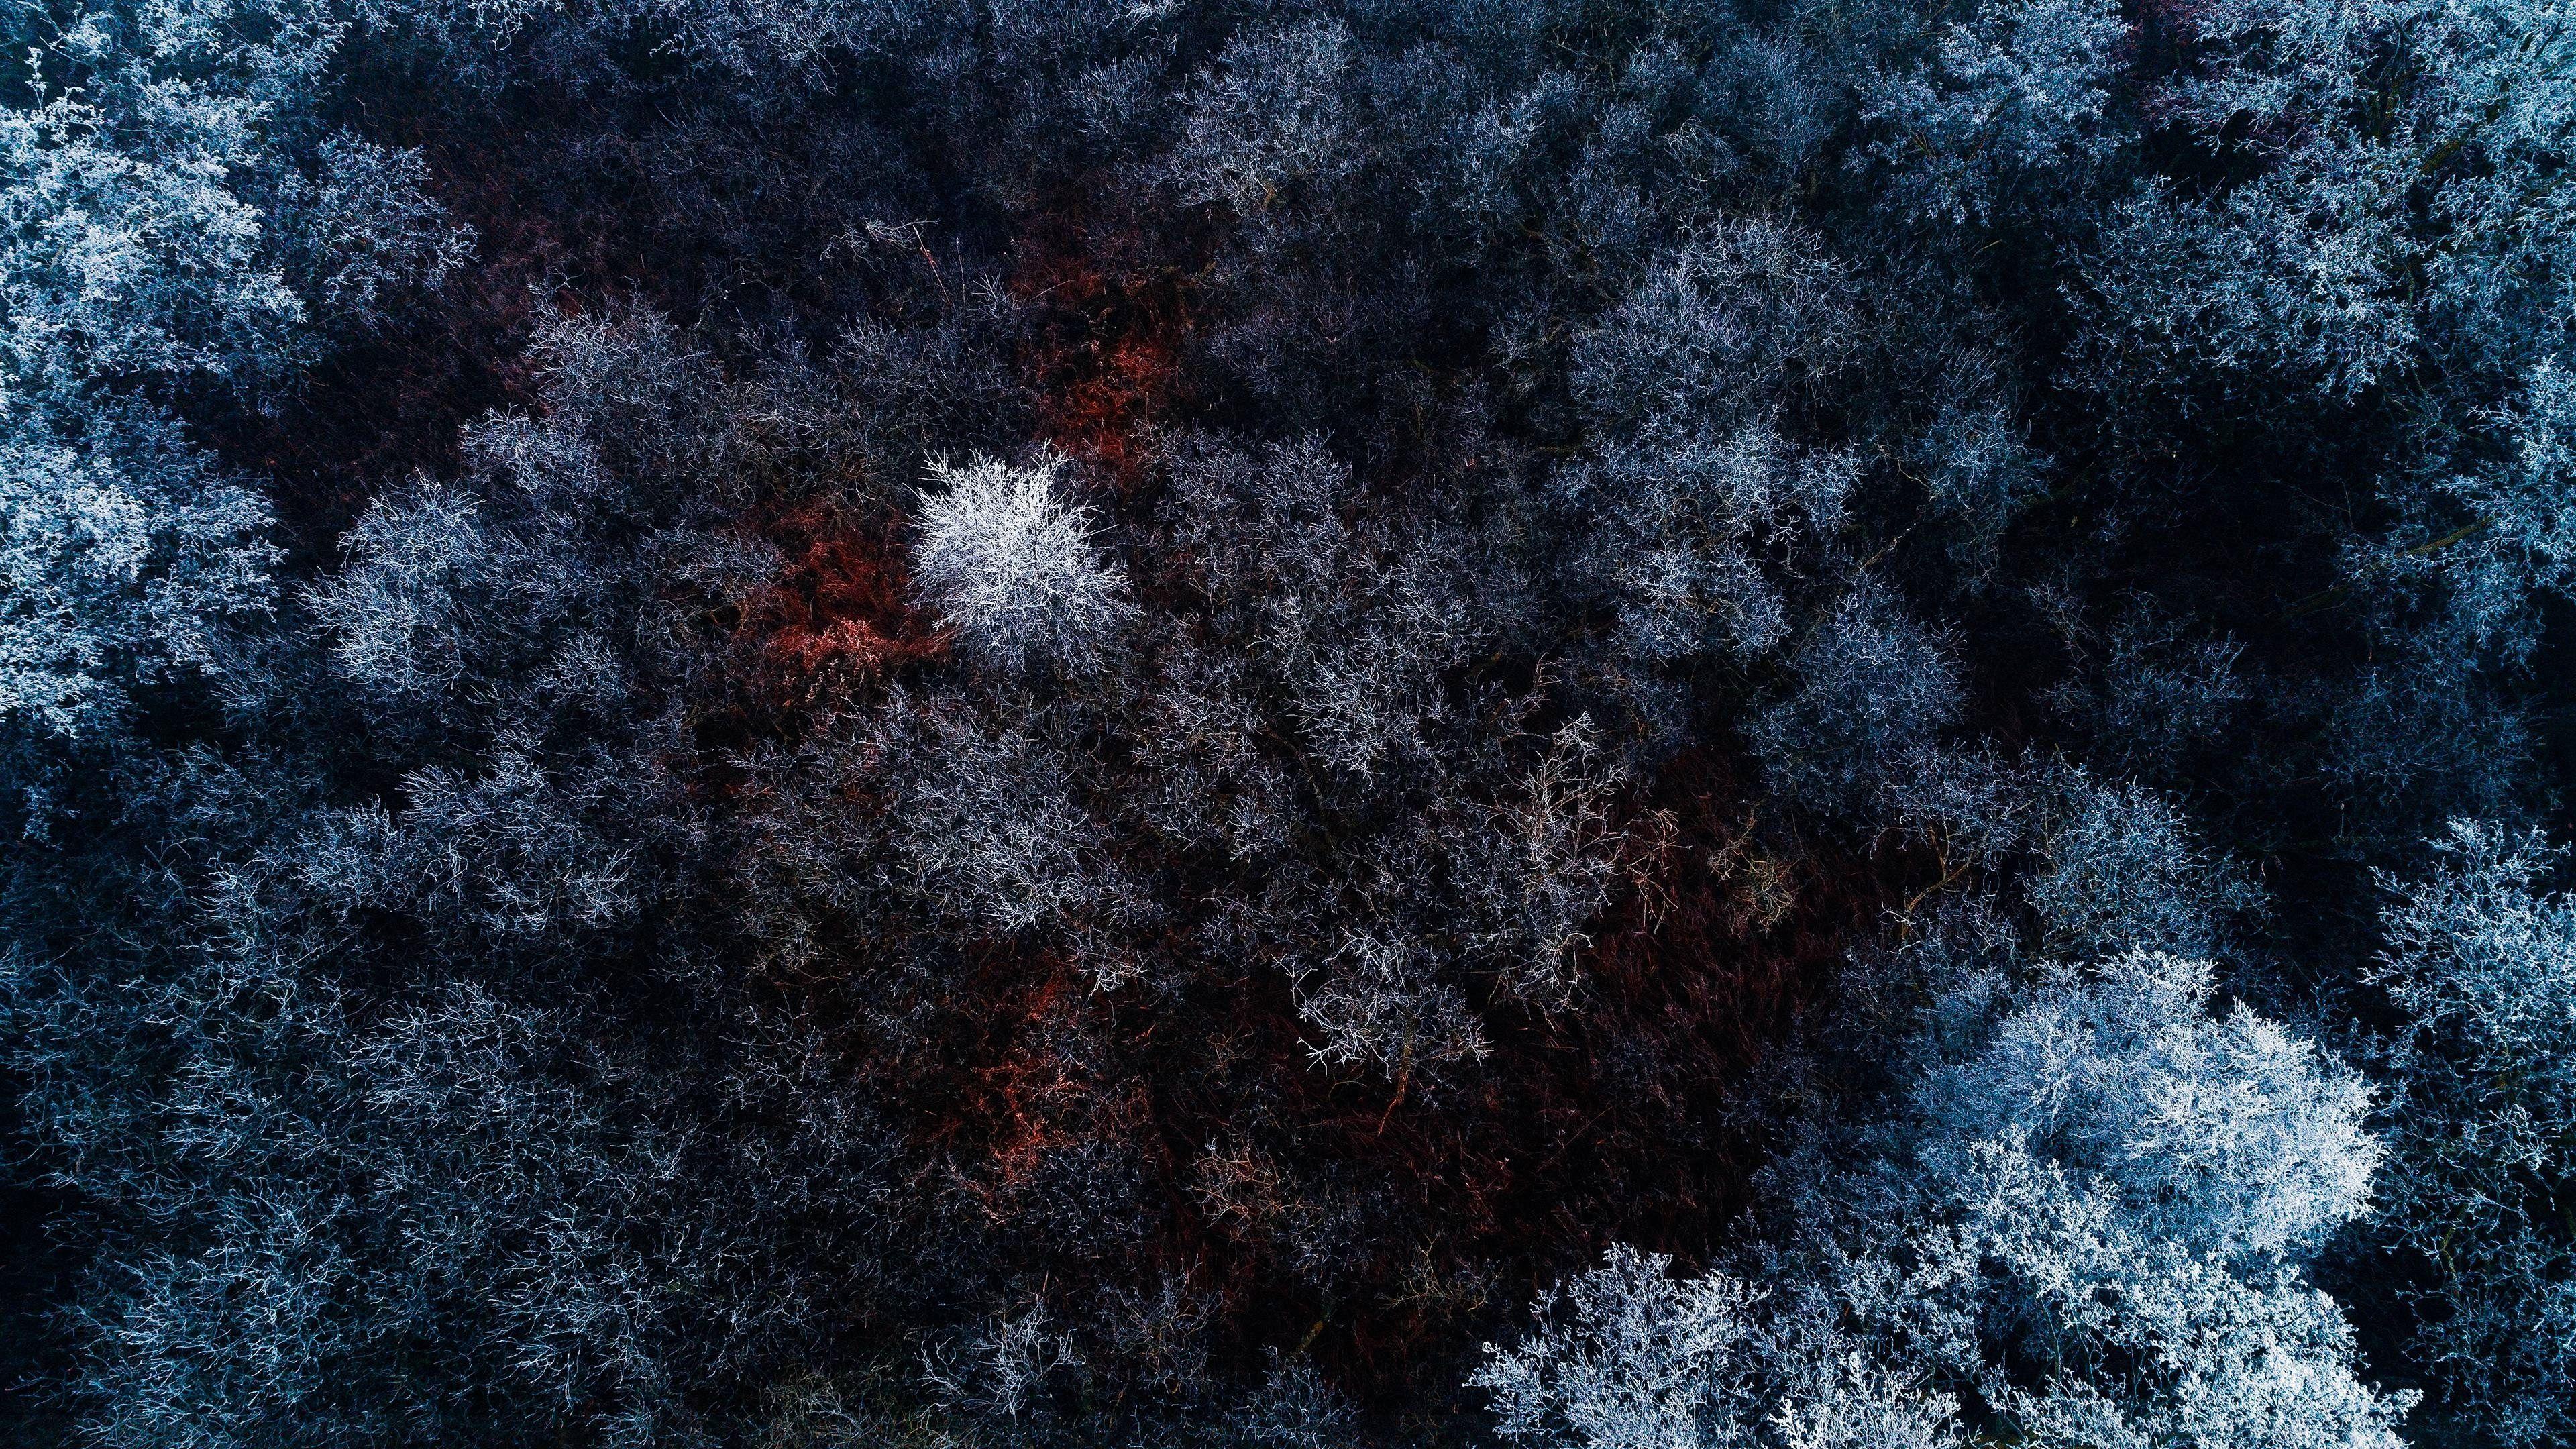 3840x2160 Forest 4k Best Widescreen Wallpapers Landscape Wallpaper Forest Wallpaper Hd Cool Wallpapers